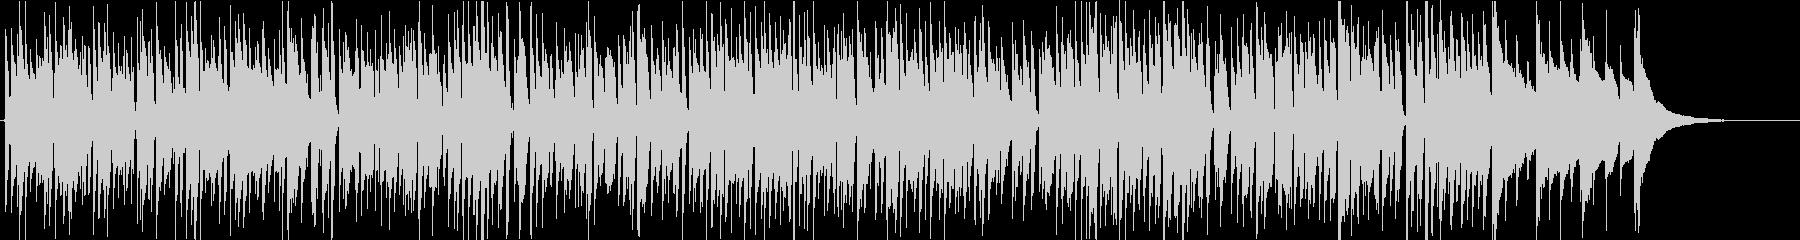 ジングルベル アコギ ボサノバの未再生の波形